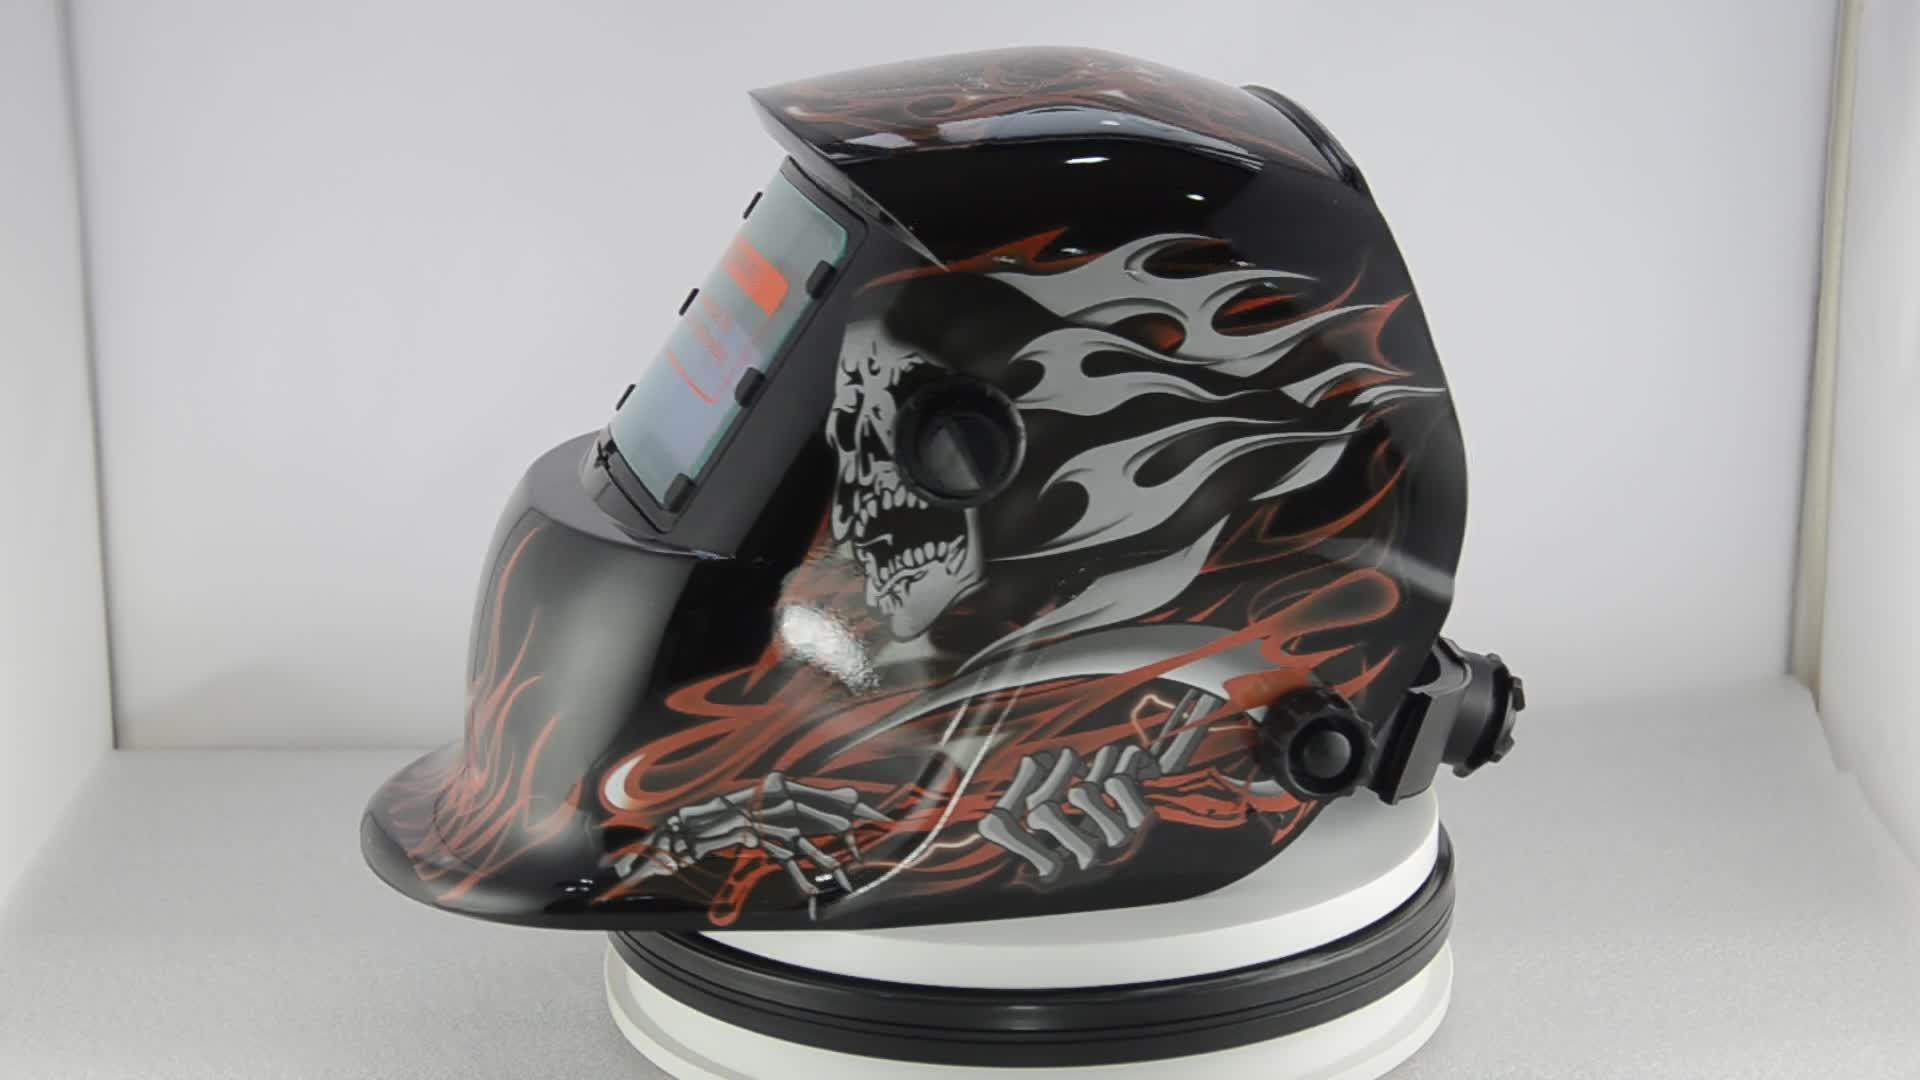 Mig tig arc giá tốt nhất nhật bản chất lượng hàn mũ bảo hiểm mặt nạ